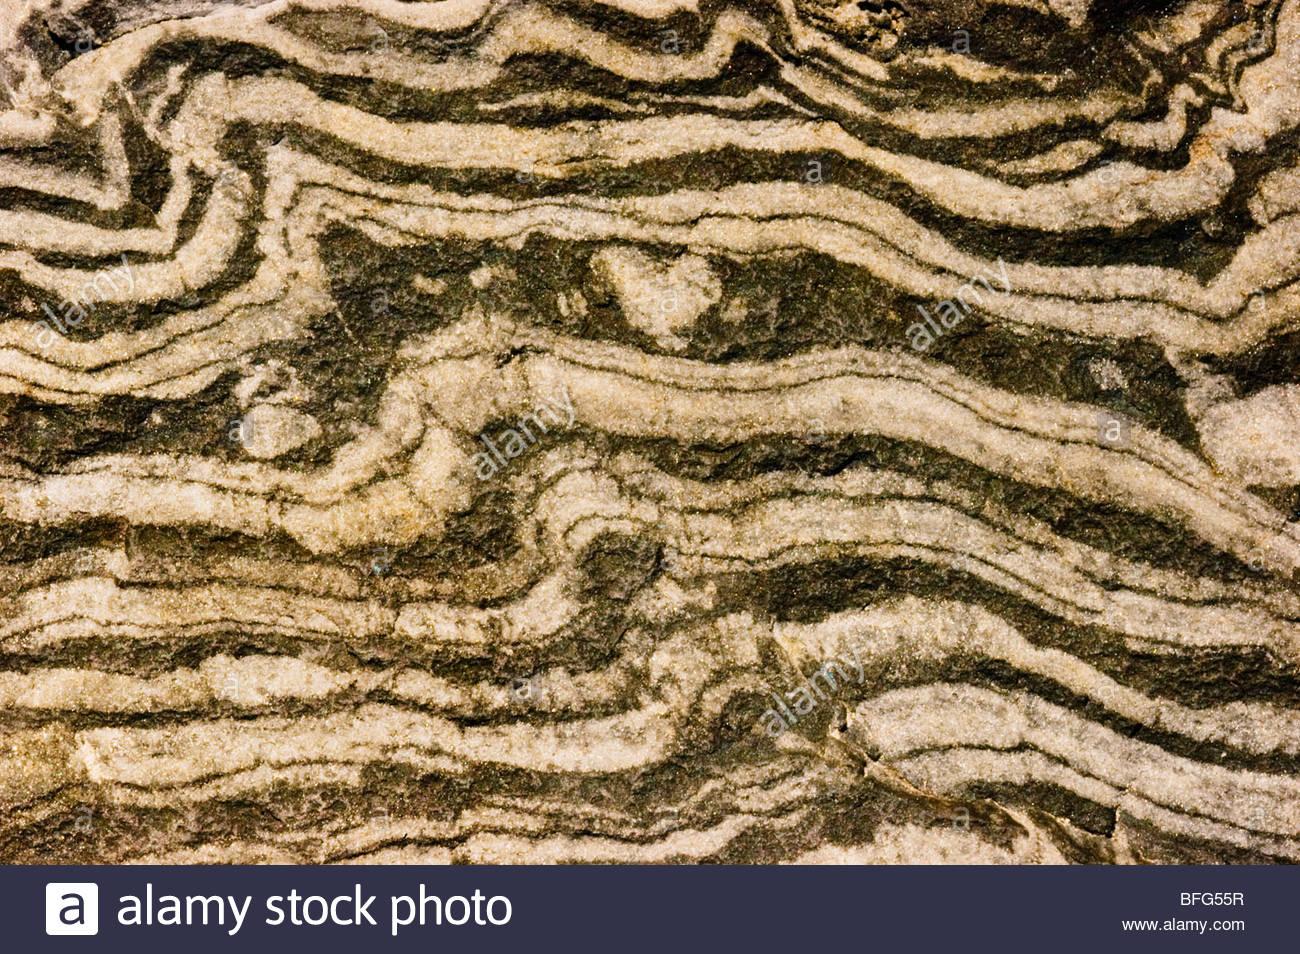 La surface la plus ancienne roche, Naturalis le National Museum of Natural History, Leiden, Pays-Bas Photo Stock